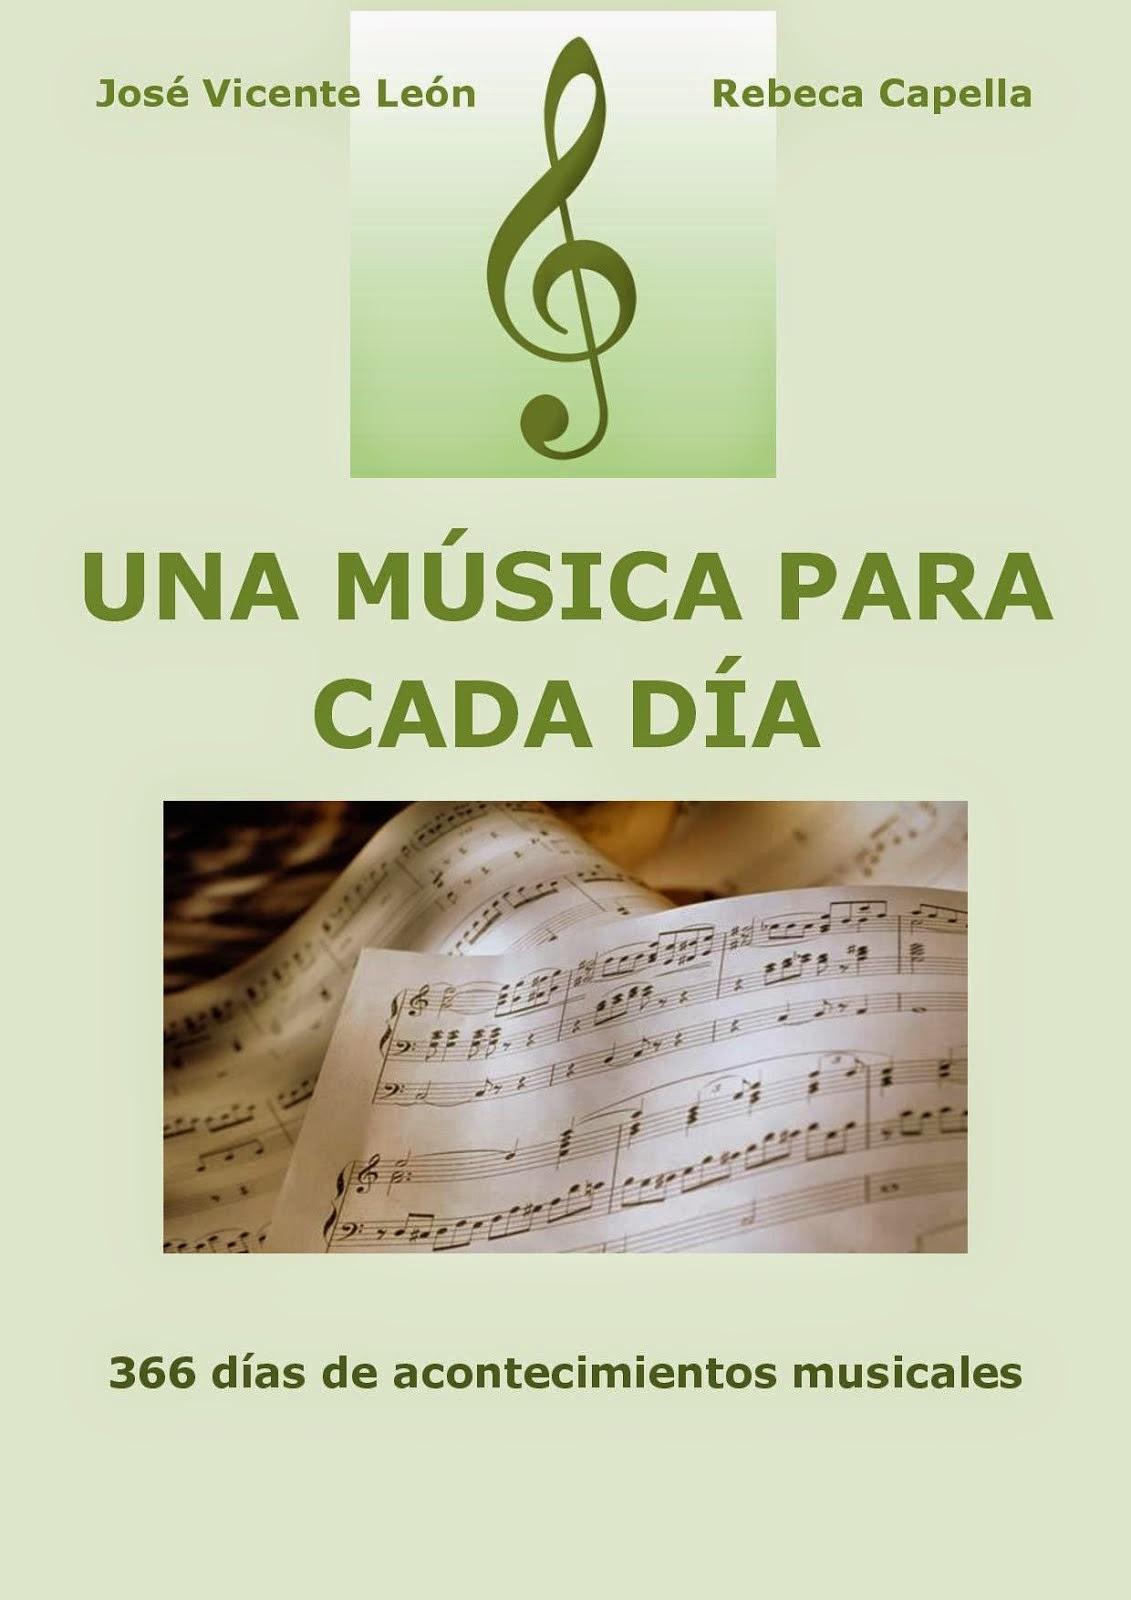 Una música para cada día